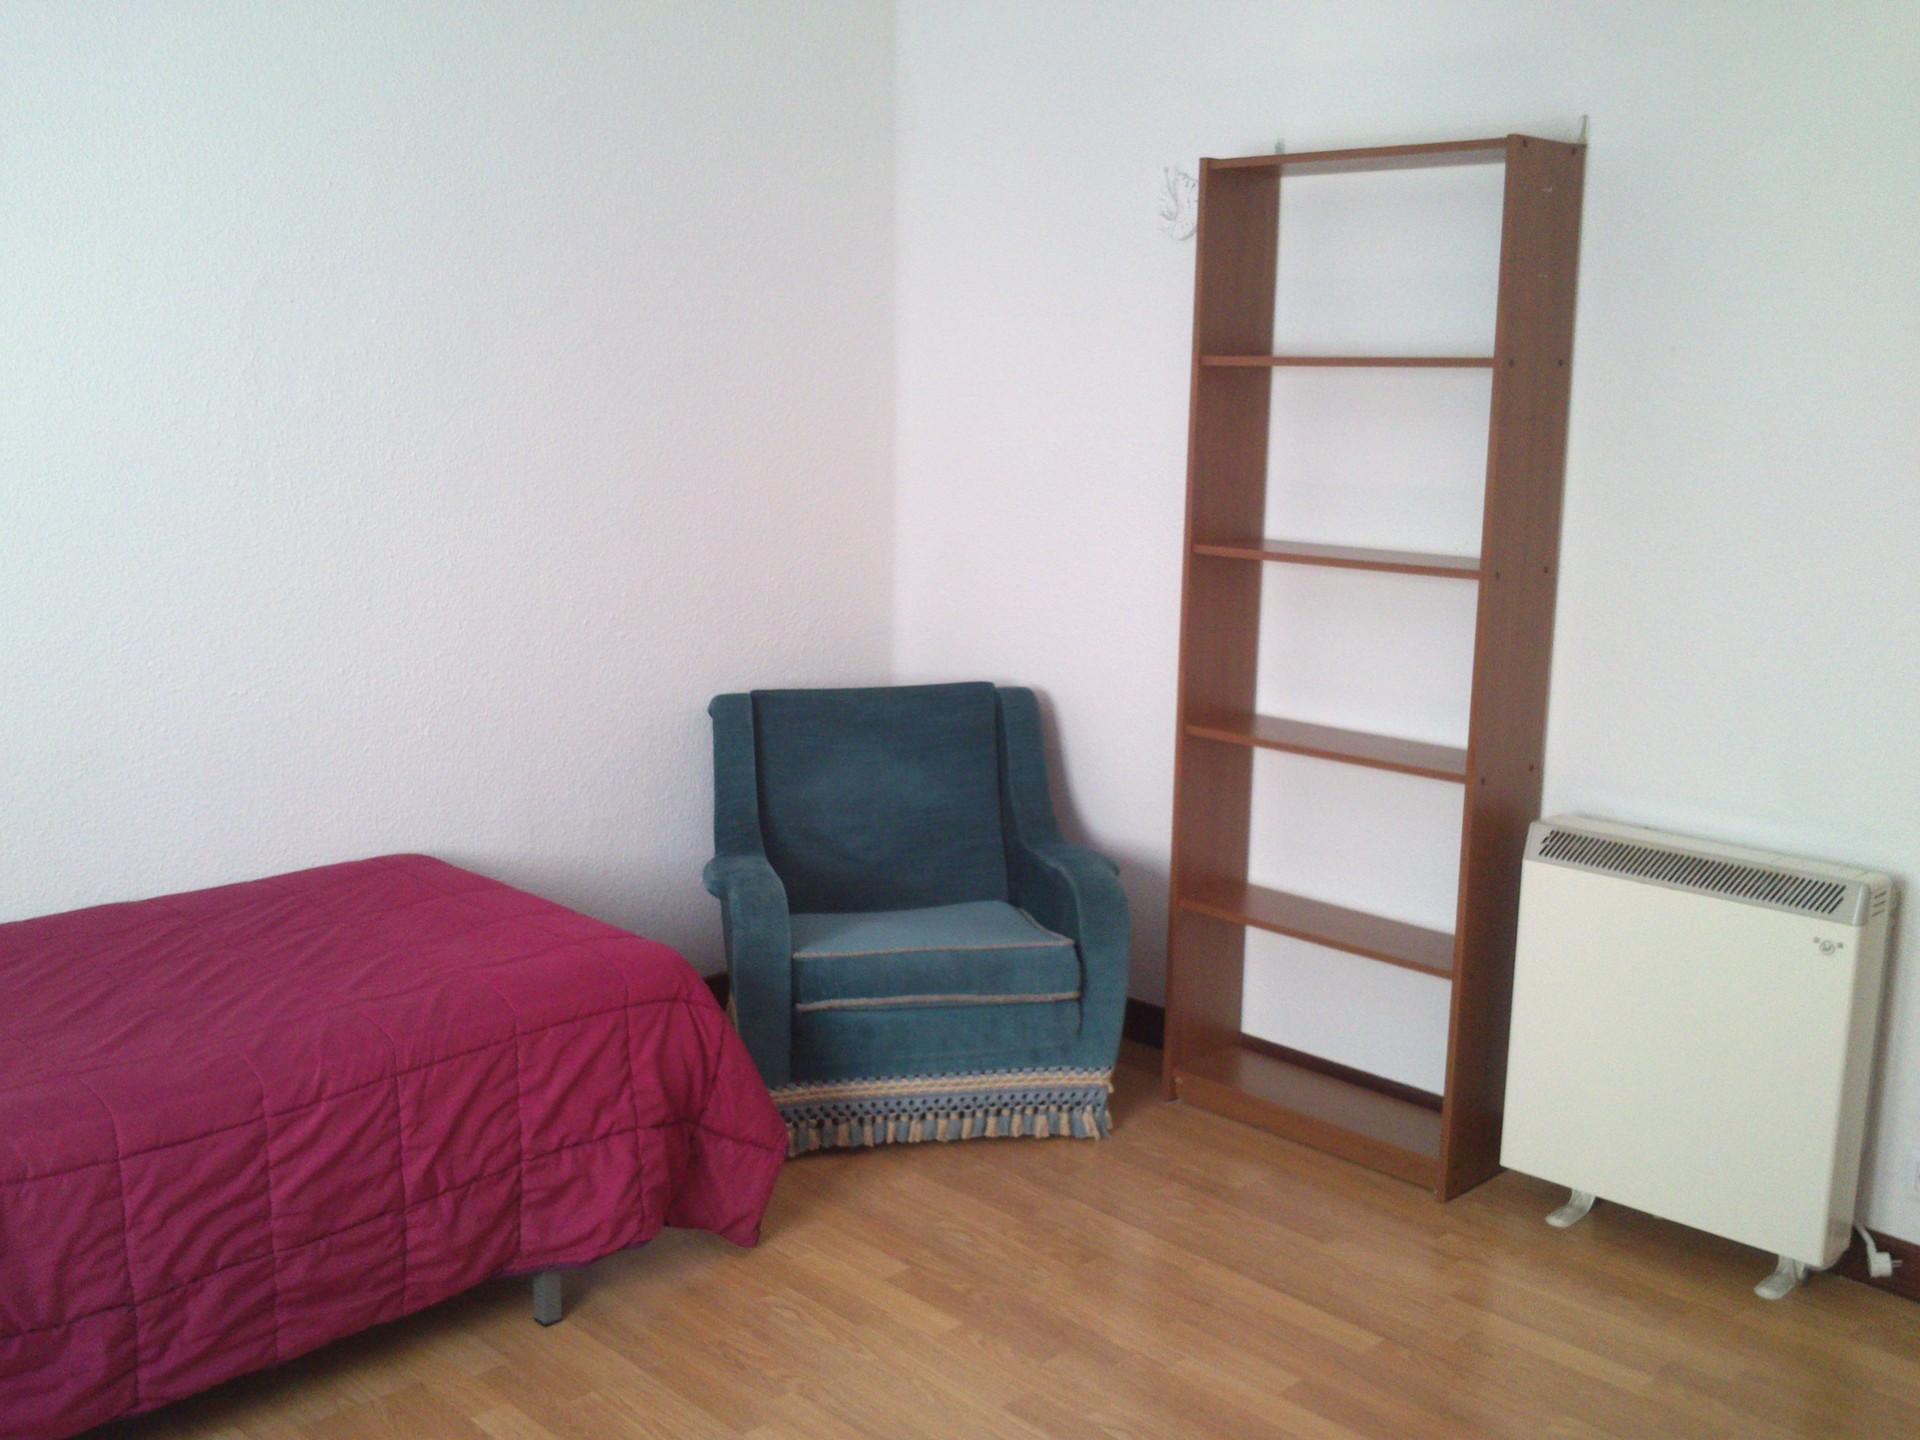 Habitaciones en piso compartido para chicas estudiantes en for Alquiler de habitacion en piso compartido